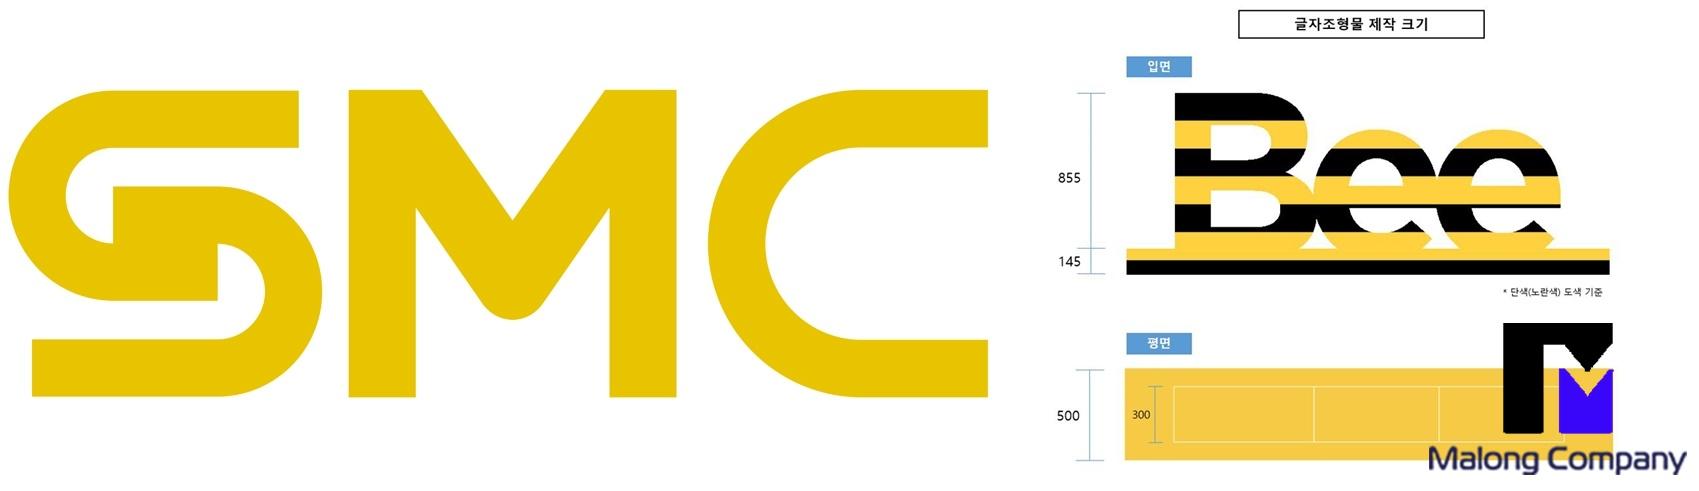 글자 조형물 디자인 대형 조형물 간판 조형물 제작 대구 조형물 설계 EPS 조형물 설치 입체 간판 야외 조형물 보수 포토존 조형물 디자인